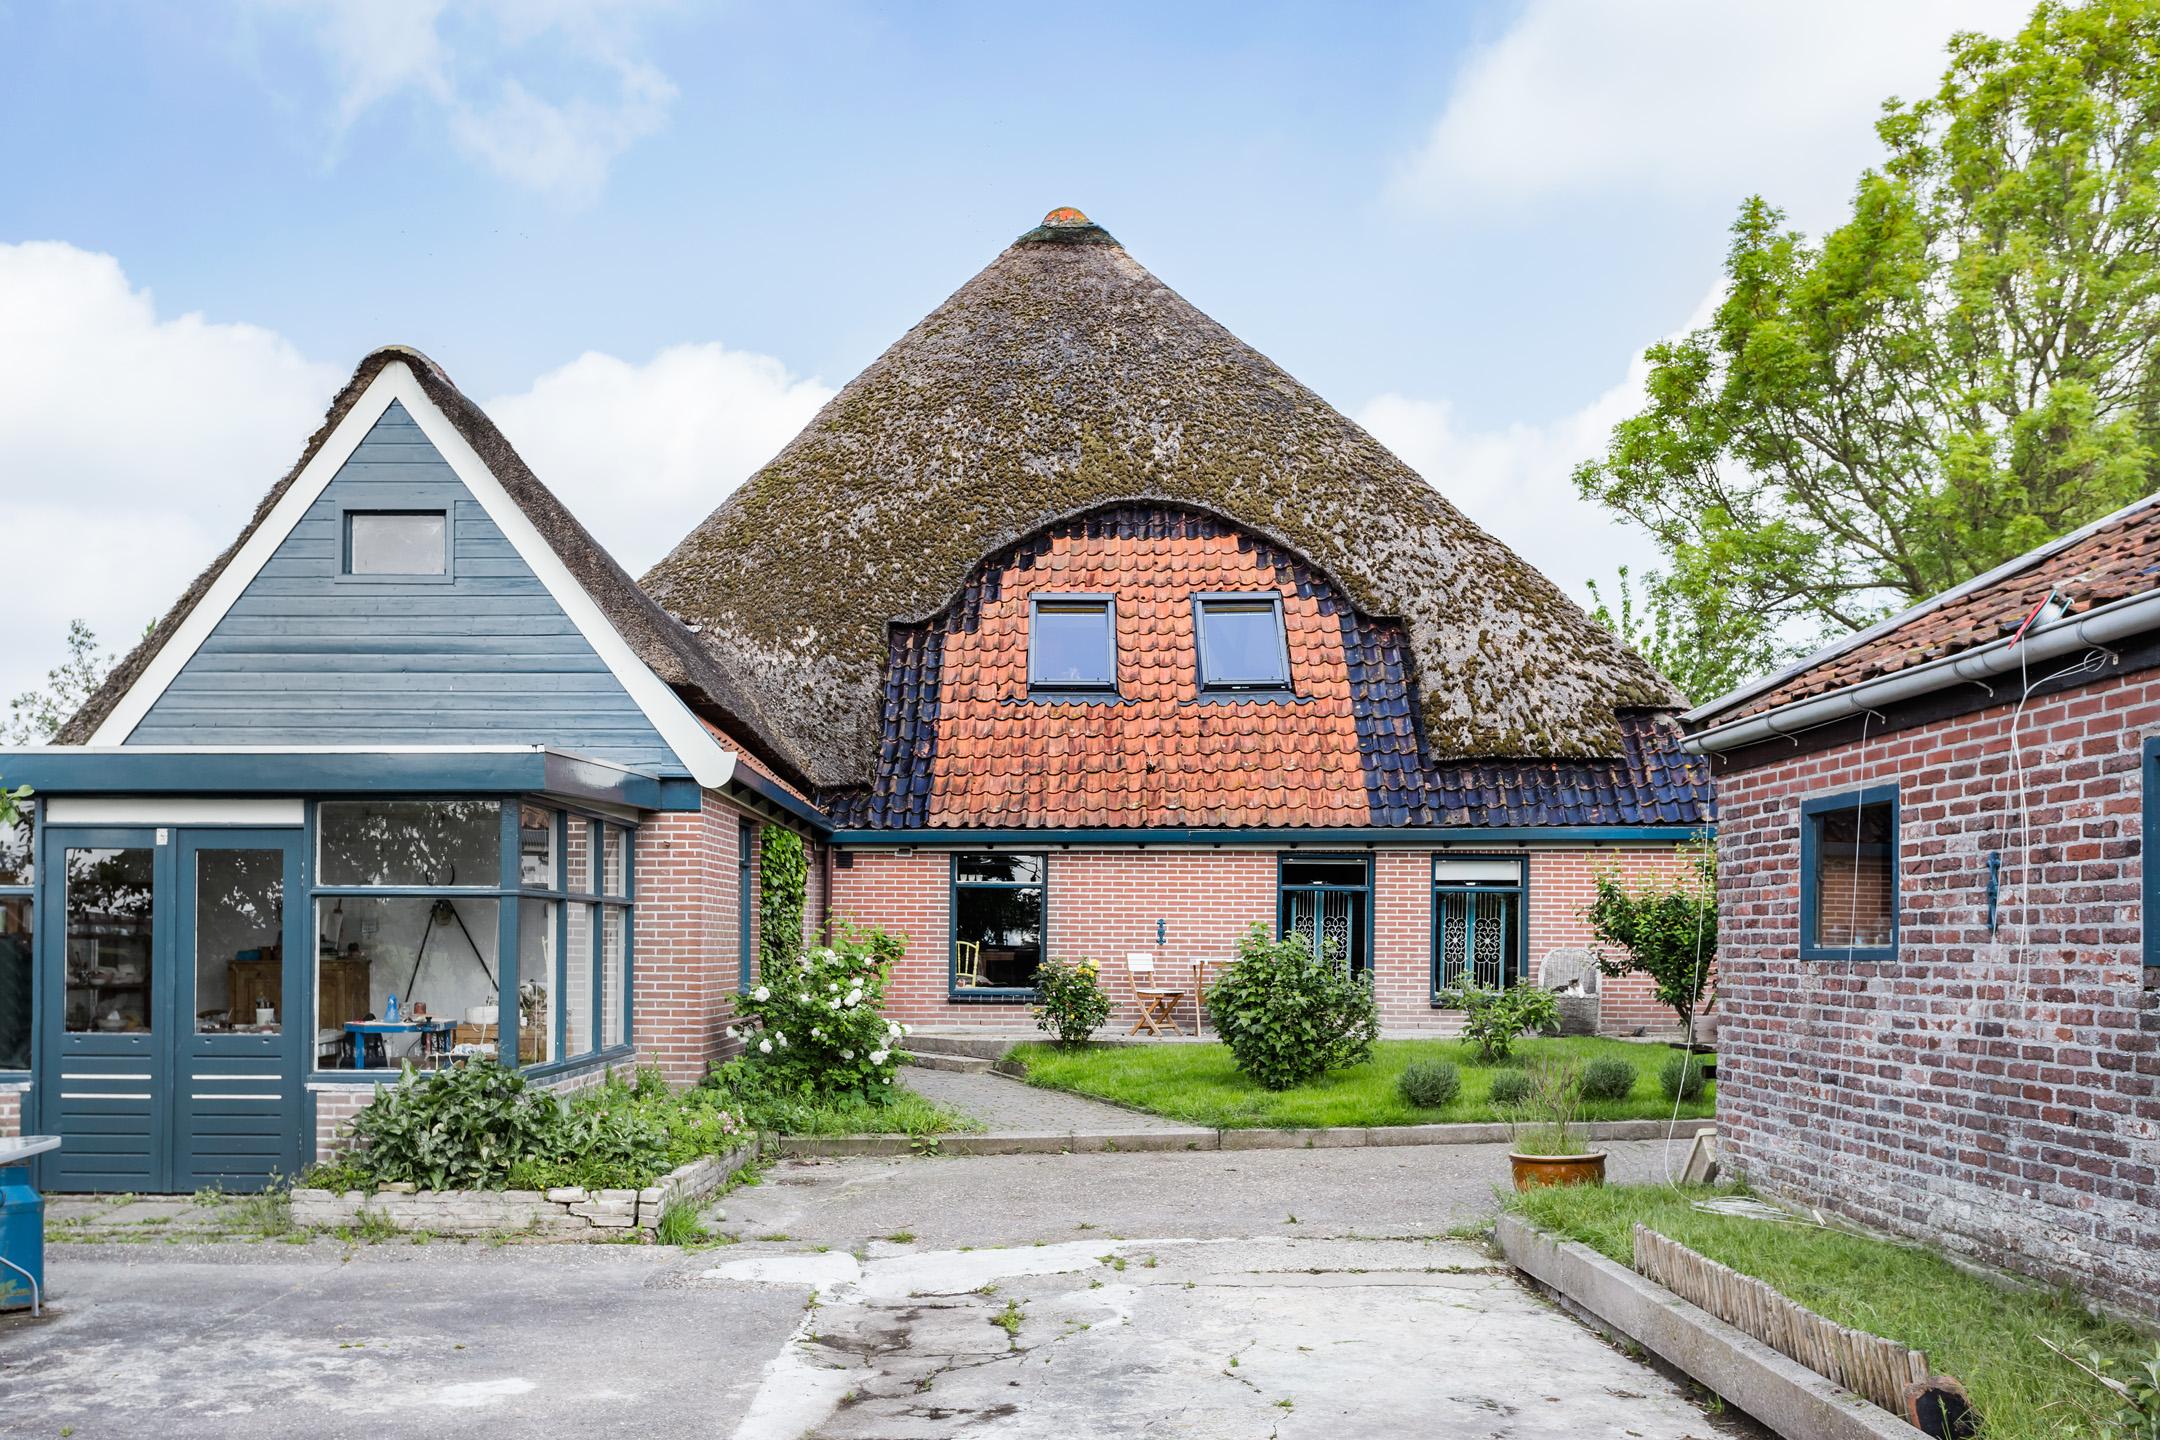 stolpboerderij geschikt voor dubbele bewoning met